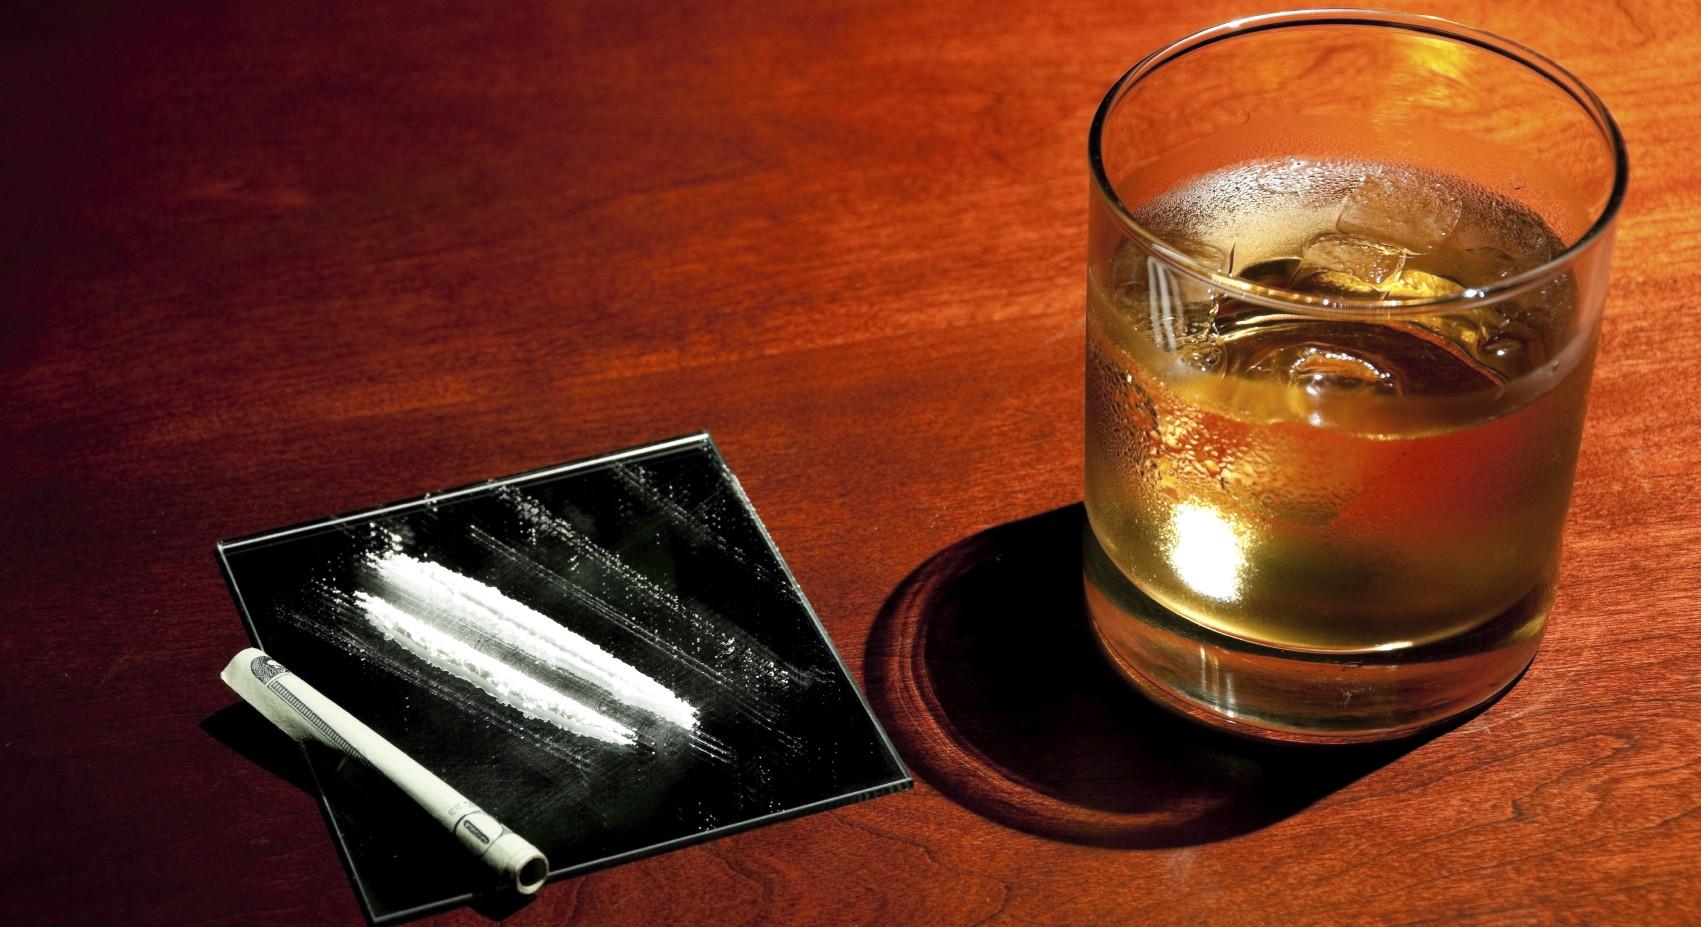 Незаконные наркотики и алкоголь: опасная смесь